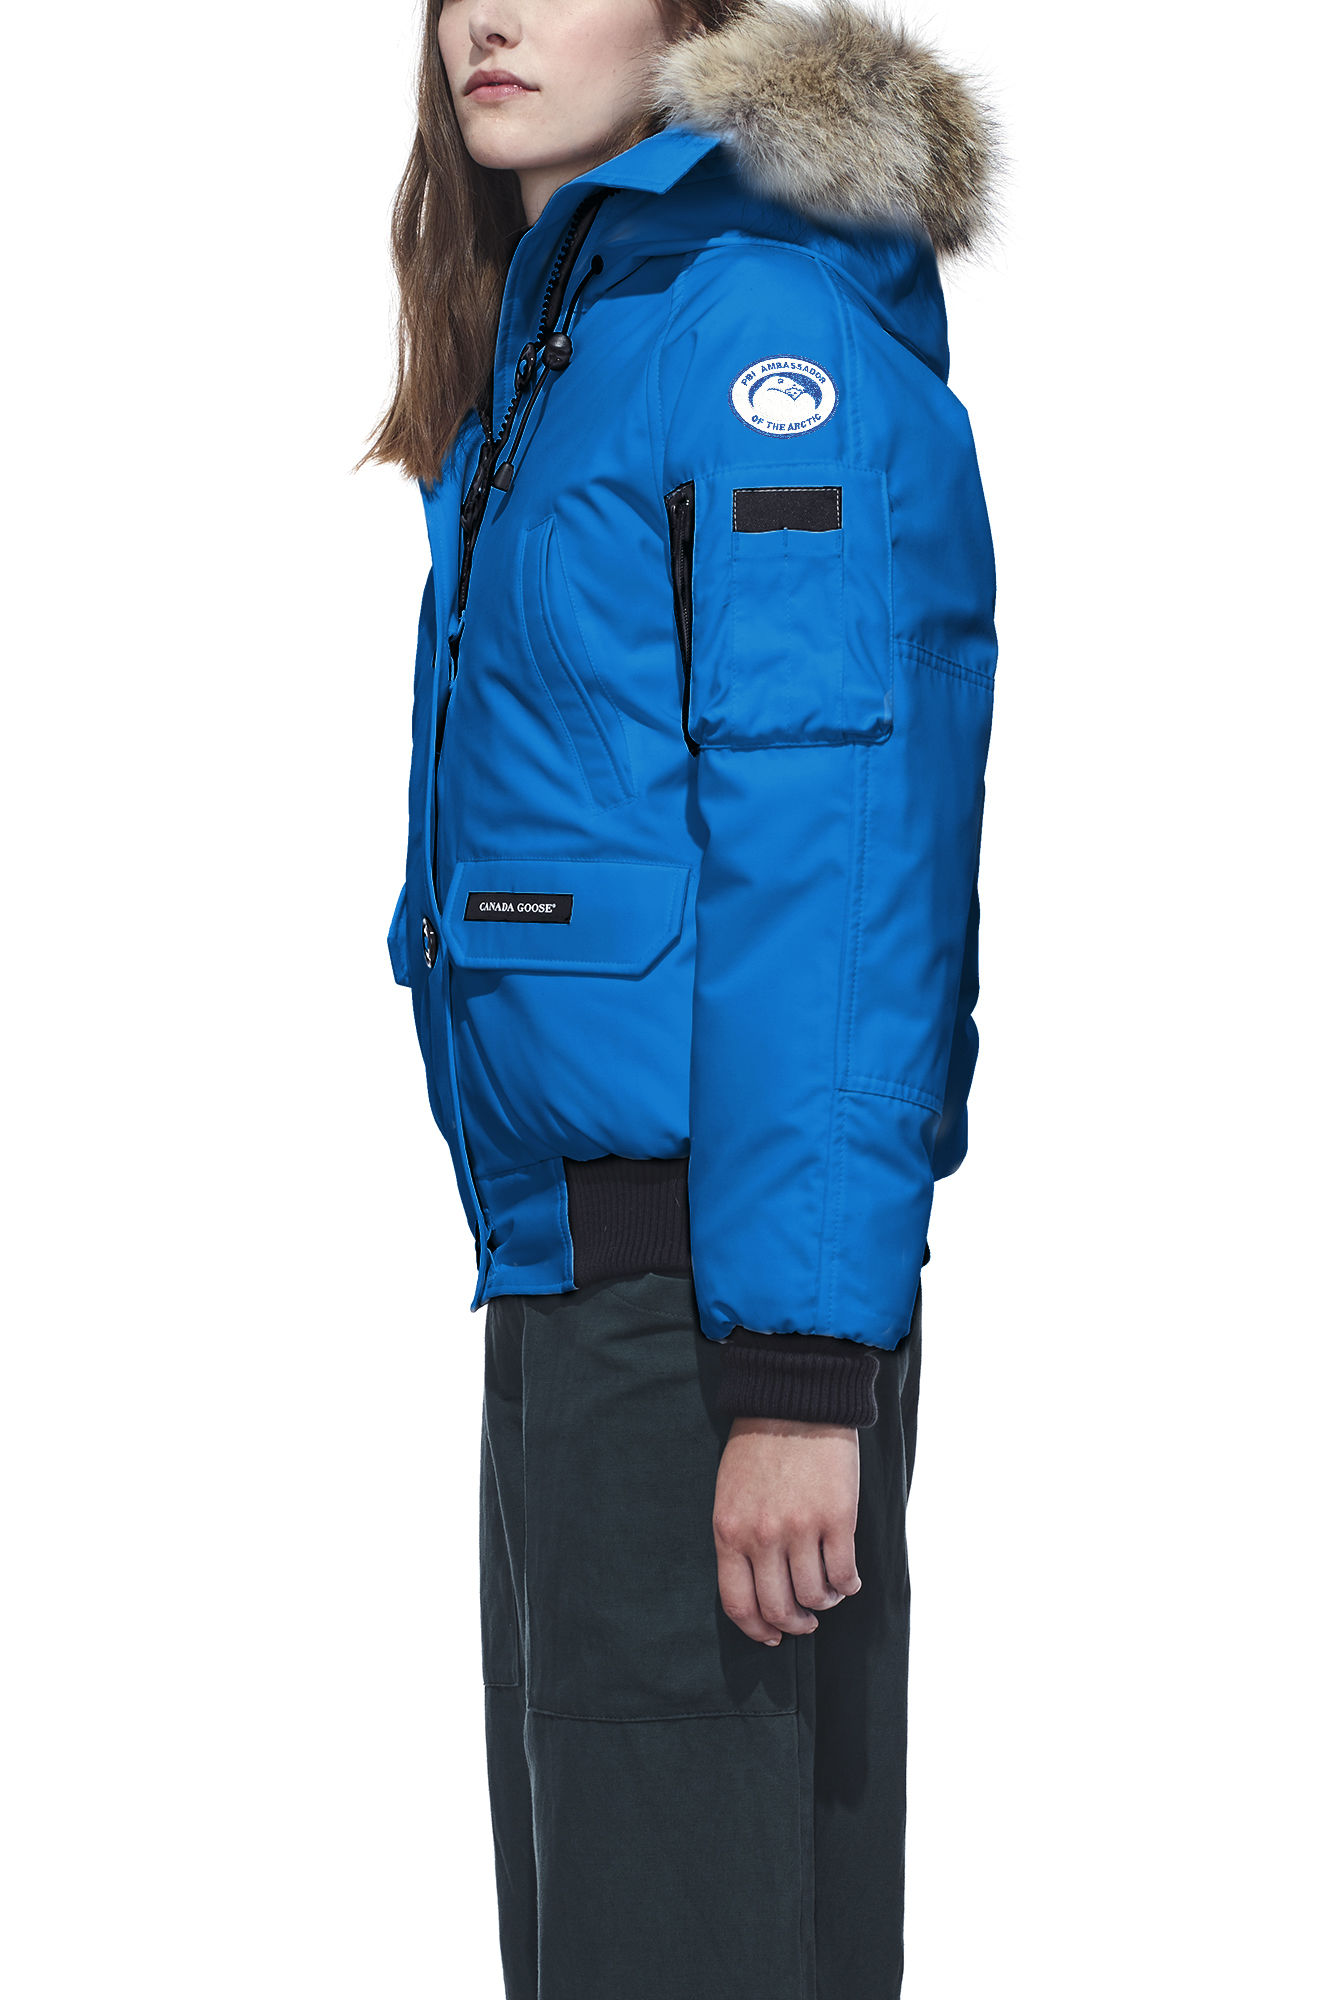 Women  39 s Polar Bears International PBI Chilliwack Bomber  9fb004e19